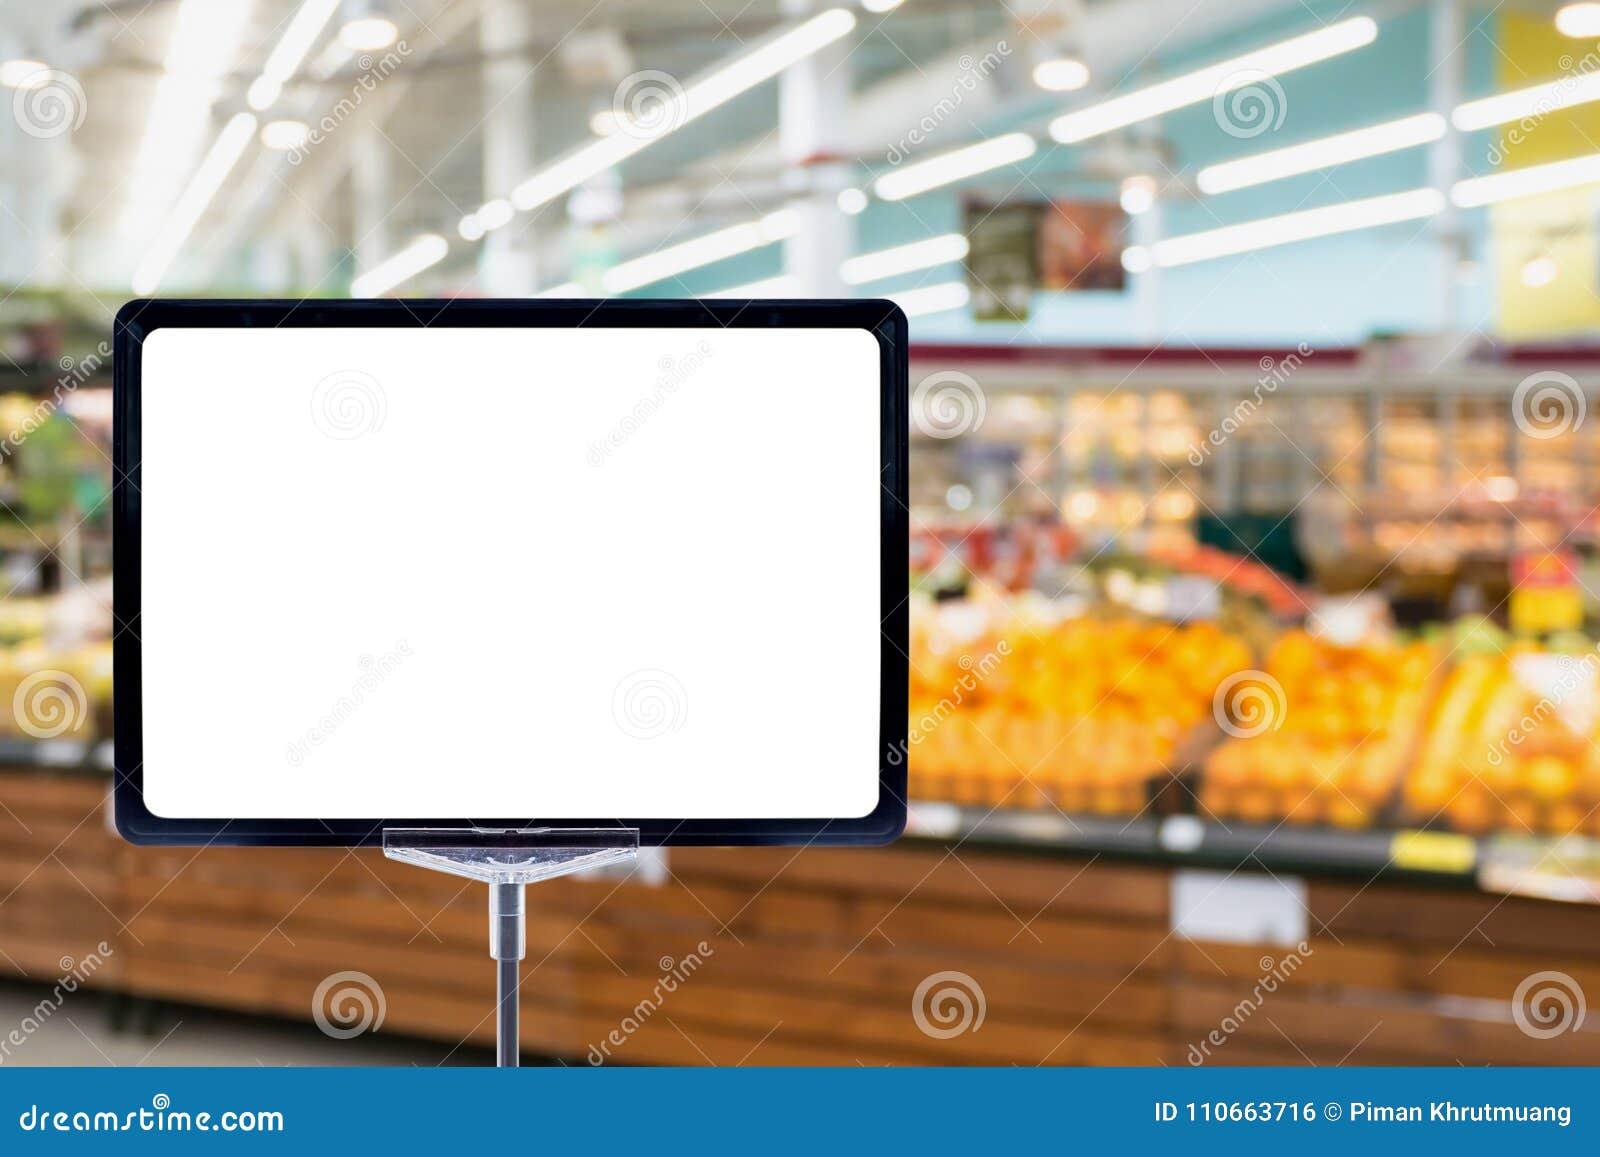 Fundo do borrão da mercearia do supermercado